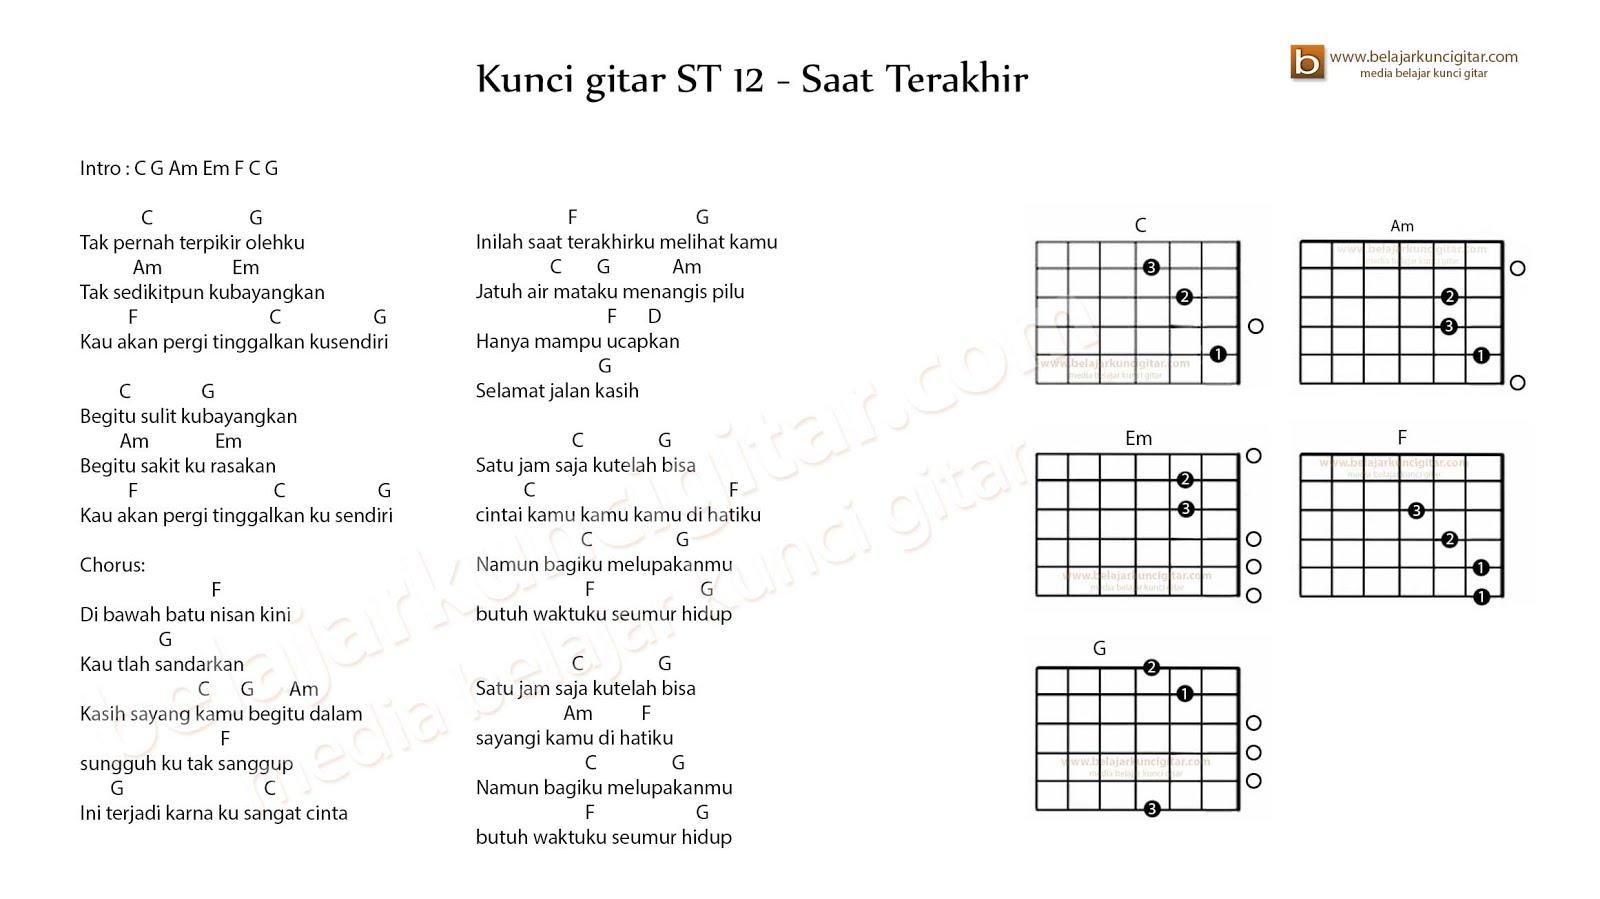 Kunci gitar ST 12 Saat Terakhir  belajar kunci gitar